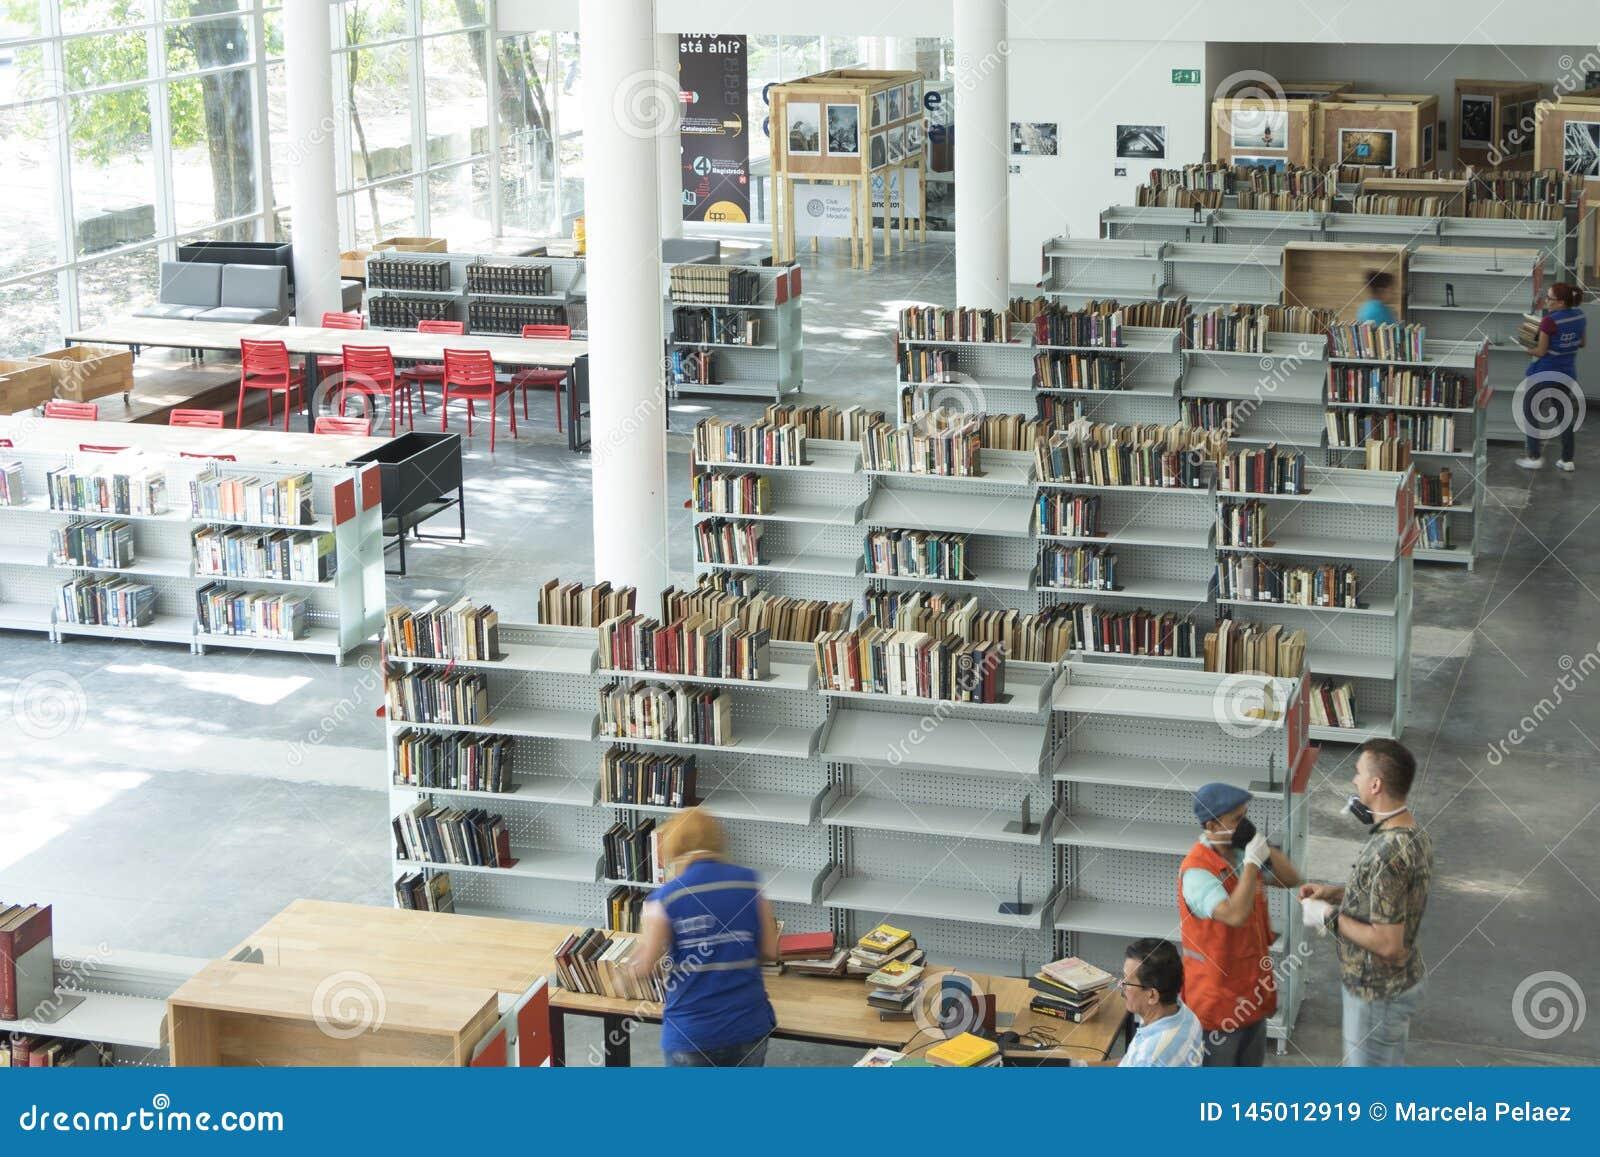 День открытия декабрь 2018 piloto pública biblioteca medellin публичной библиотеки